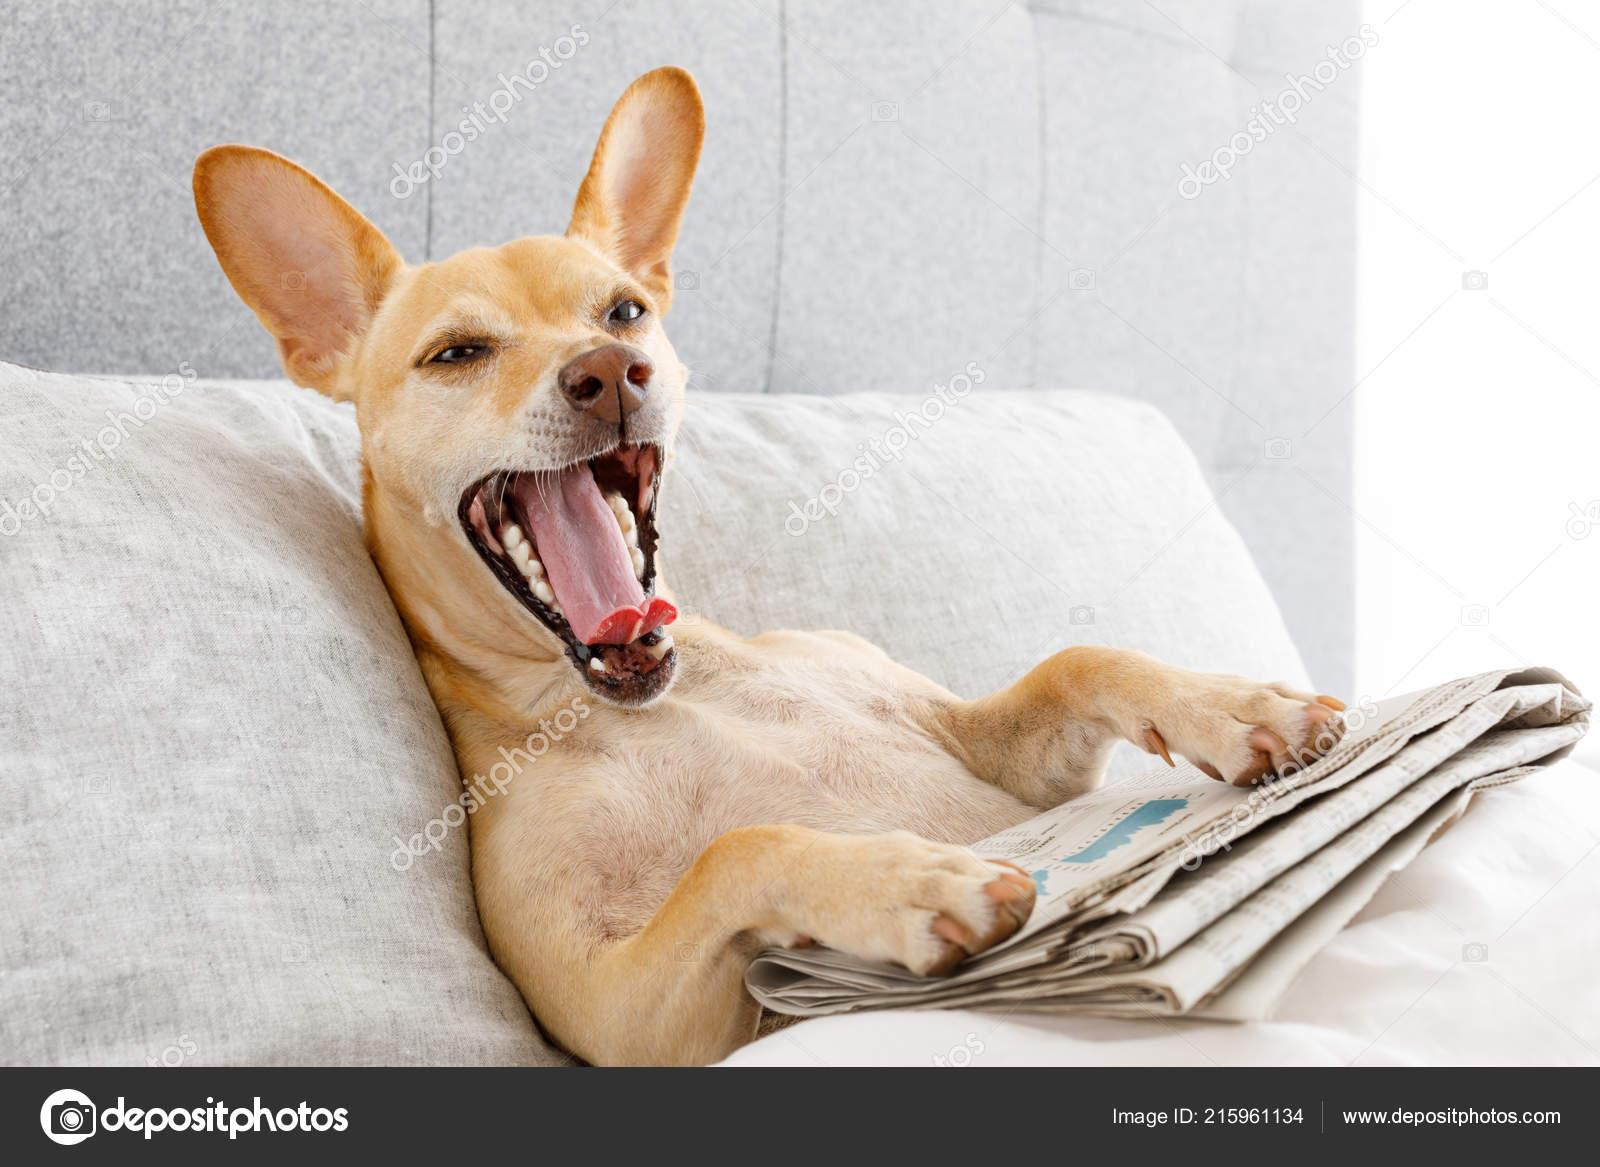 Hund Bett Ruhen Und Gähnen Mit Zeitung Träumen Schlafzimmer Unter